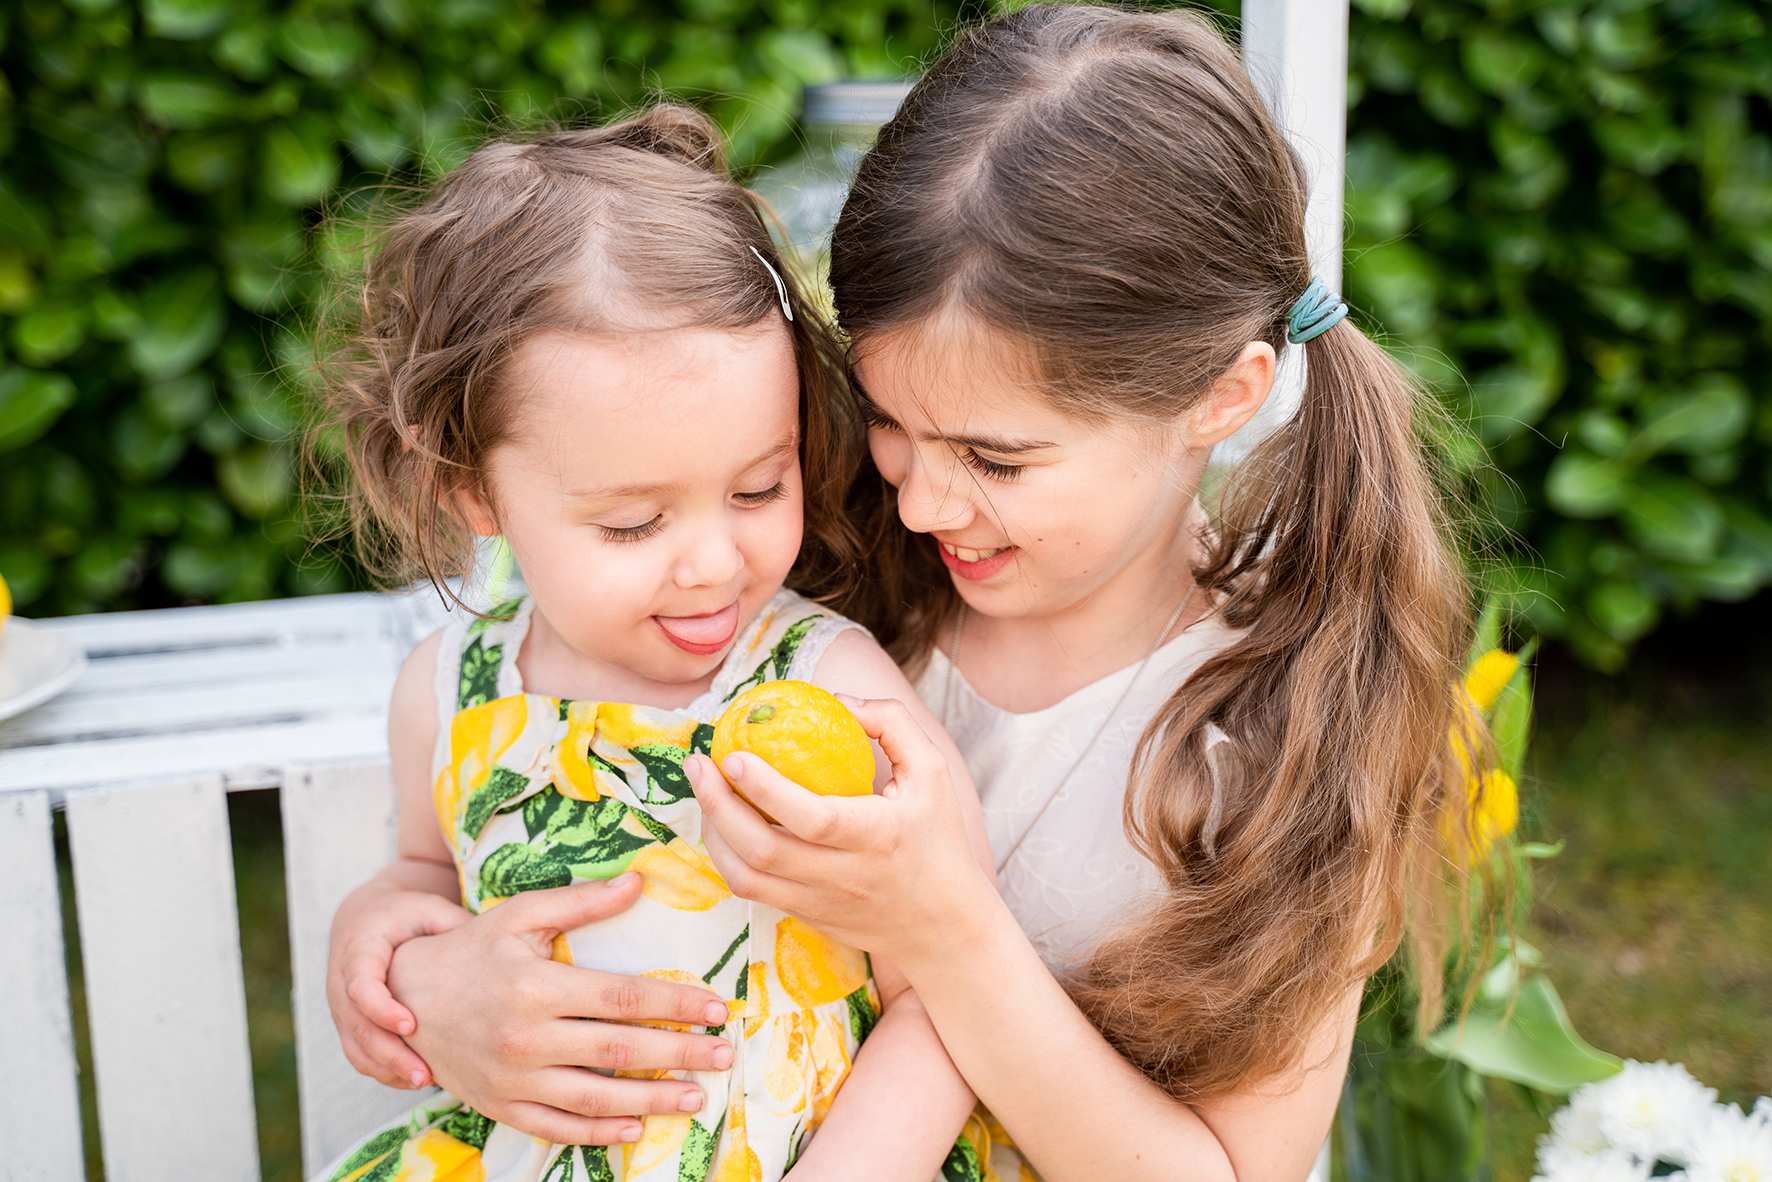 Gemeinsames Zitronenessen beim Kindefotoshooting mit Limonadenstand